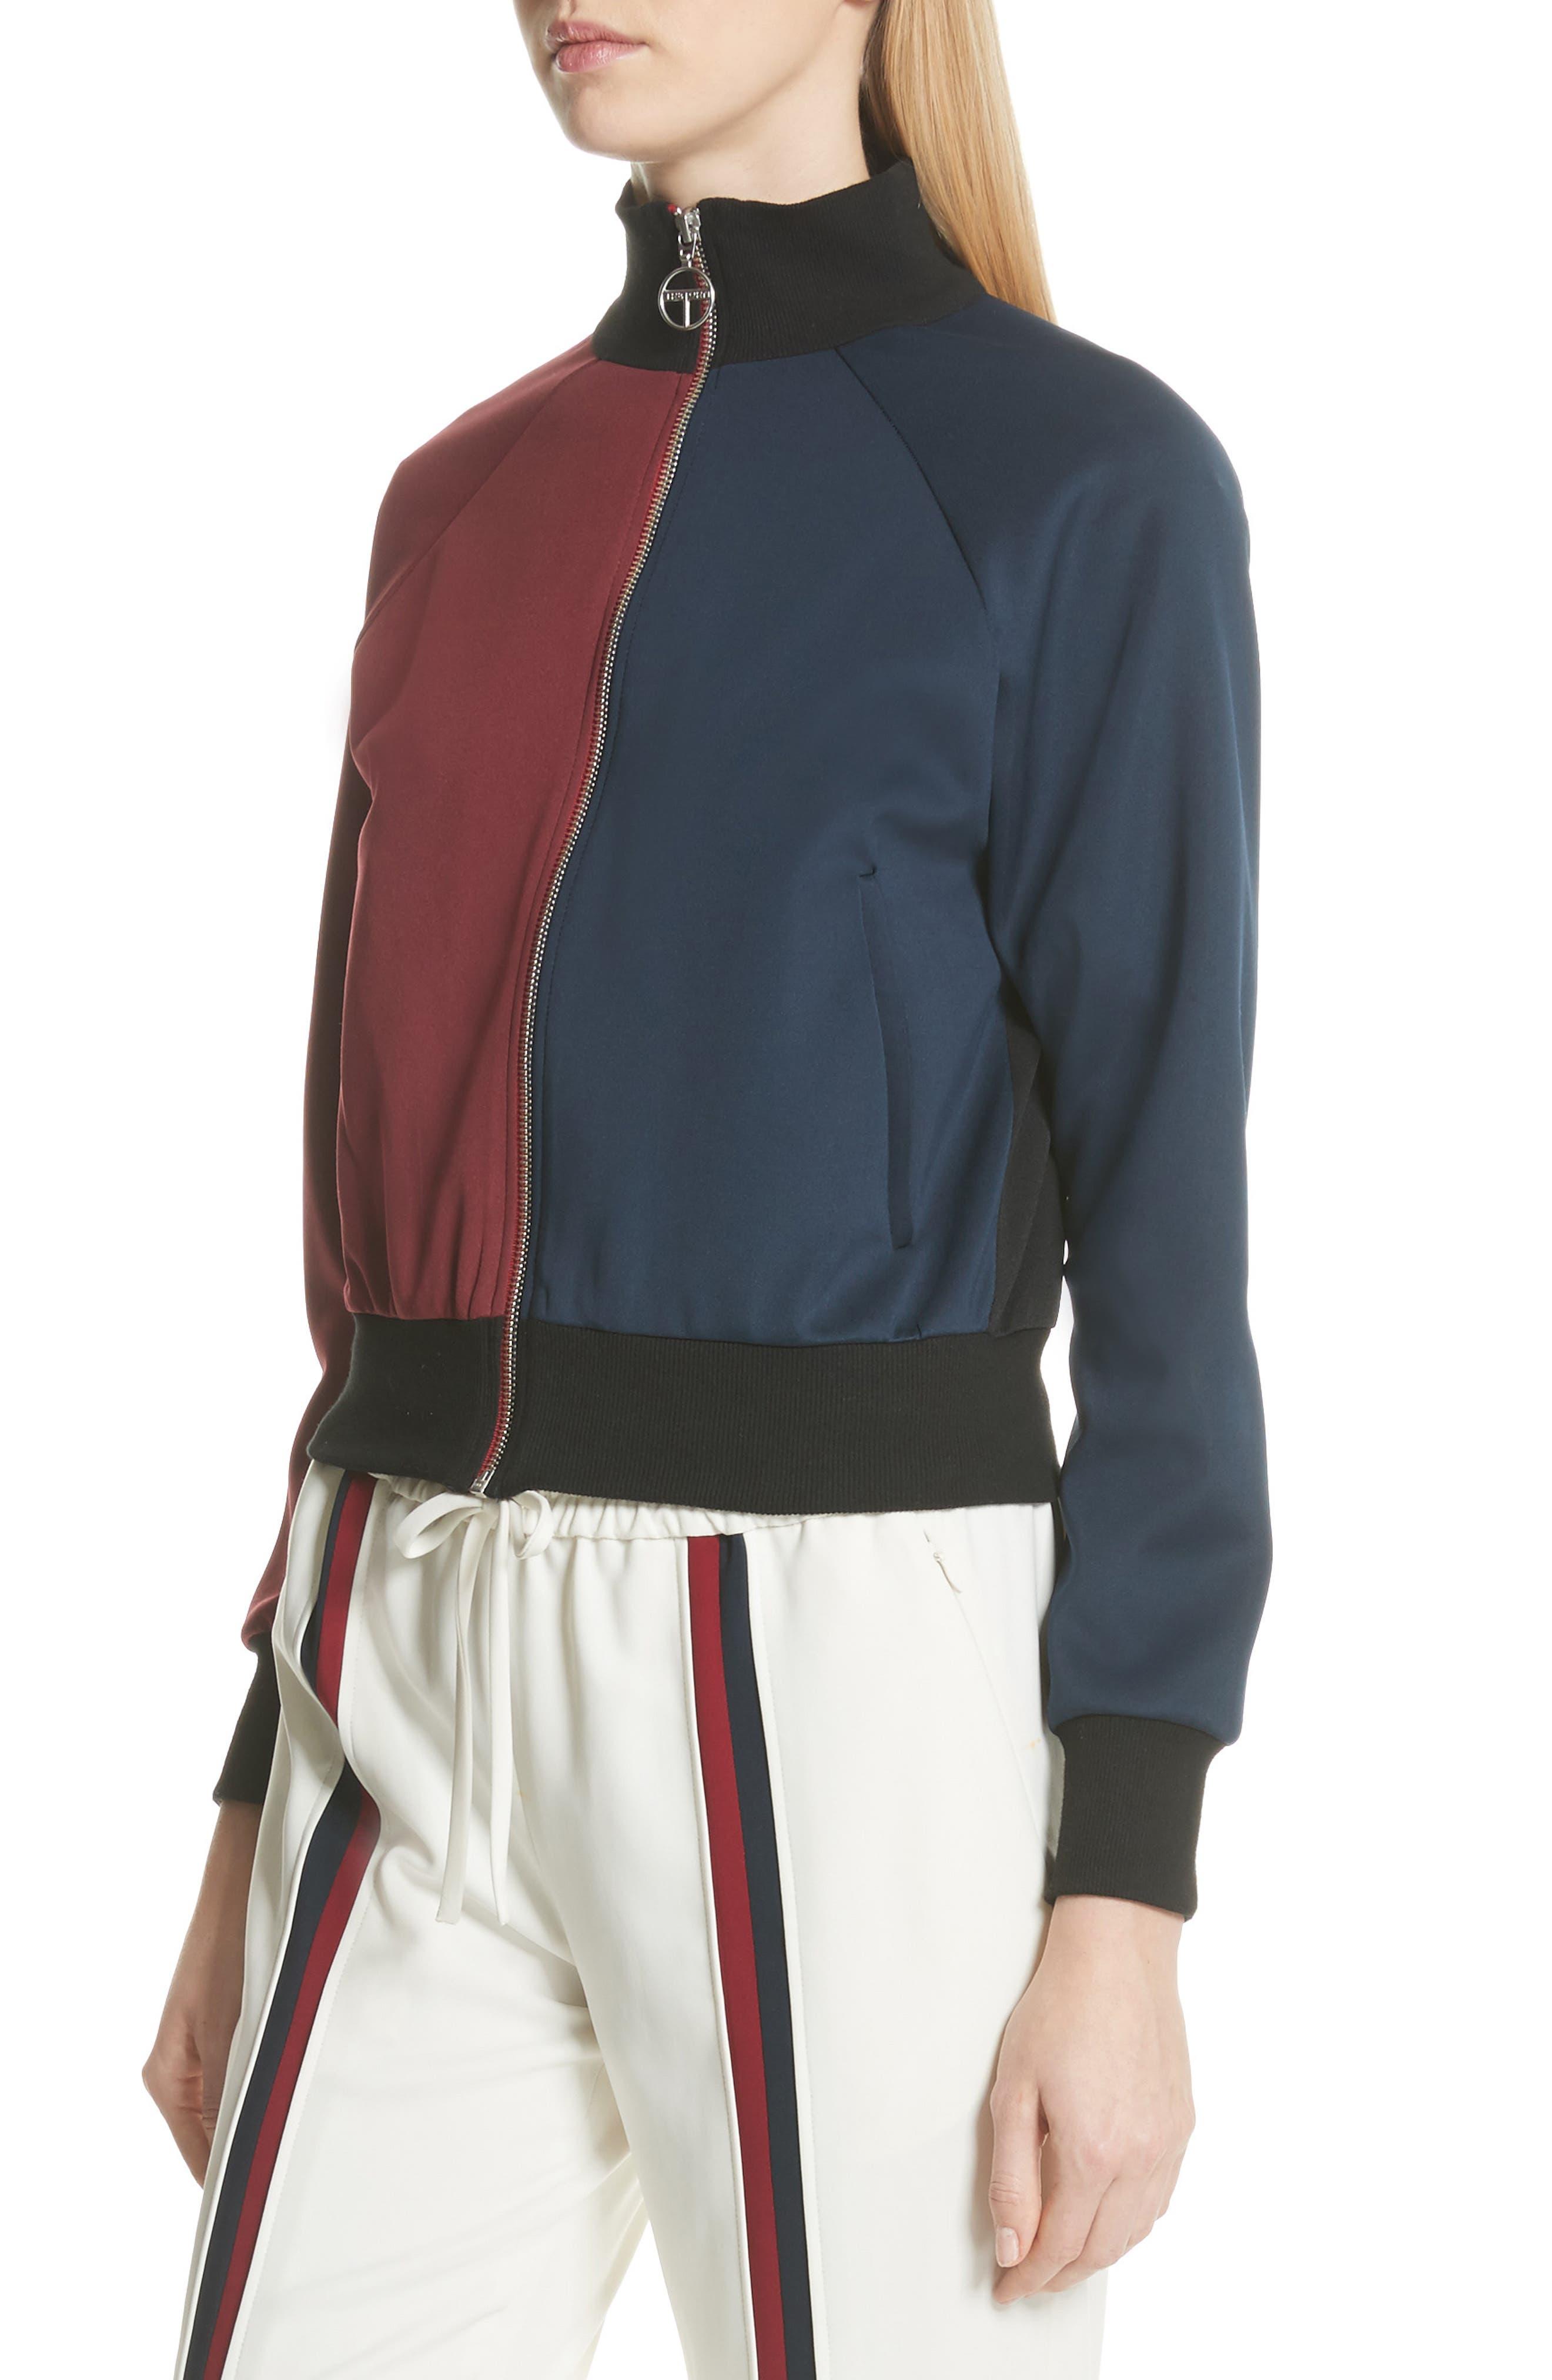 Colorblock Zip Sweatshirt,                             Alternate thumbnail 5, color,                             Bordeaux/ Navy